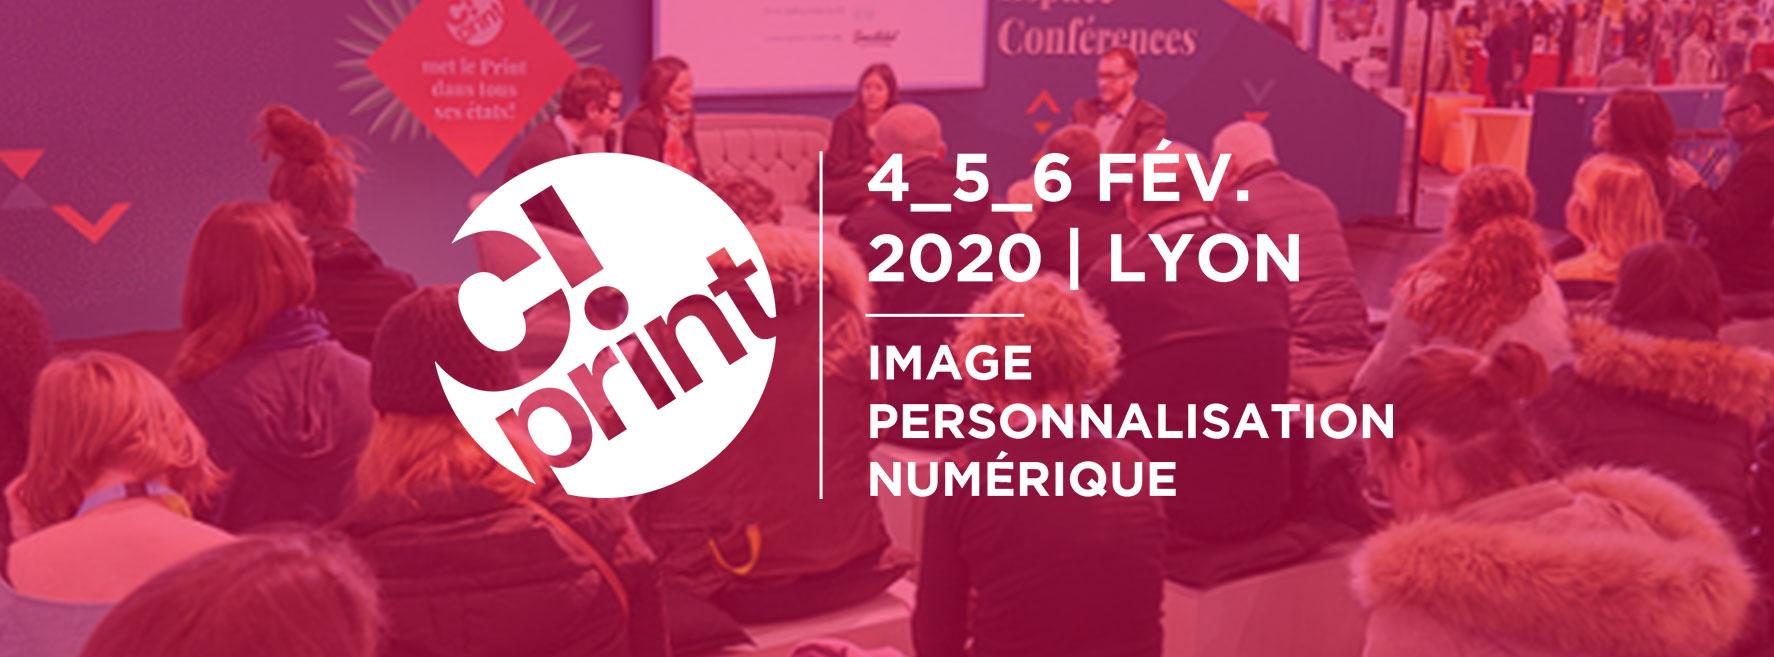 4-6 fév 2020 : Salon C!Print à Lyon